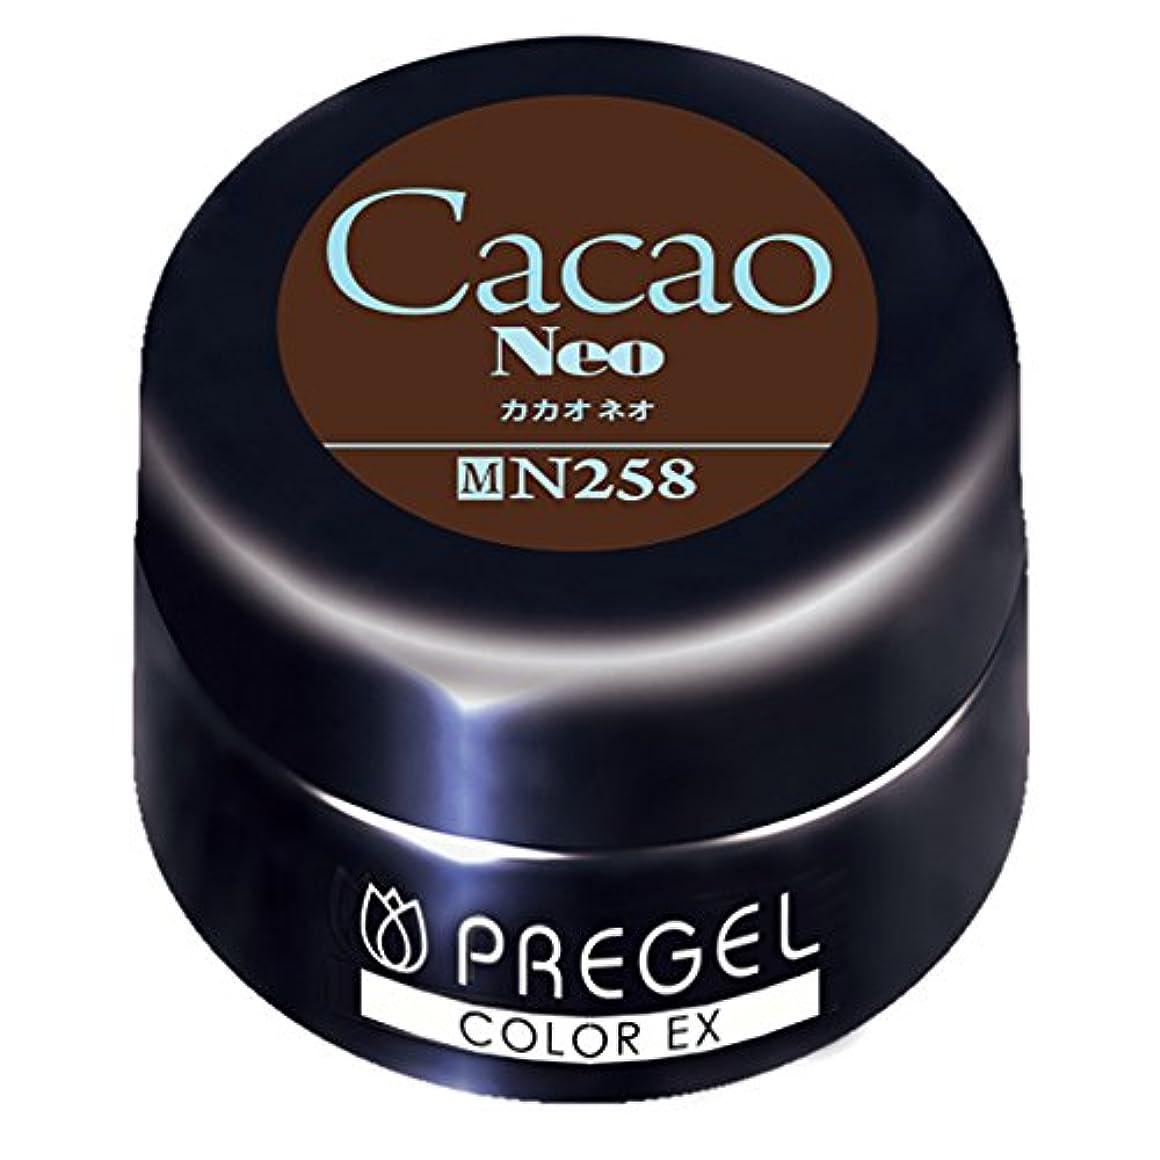 猛烈な有毒な一目PRE GEL カラーEX カカオneo 258 4g UV/LED対応